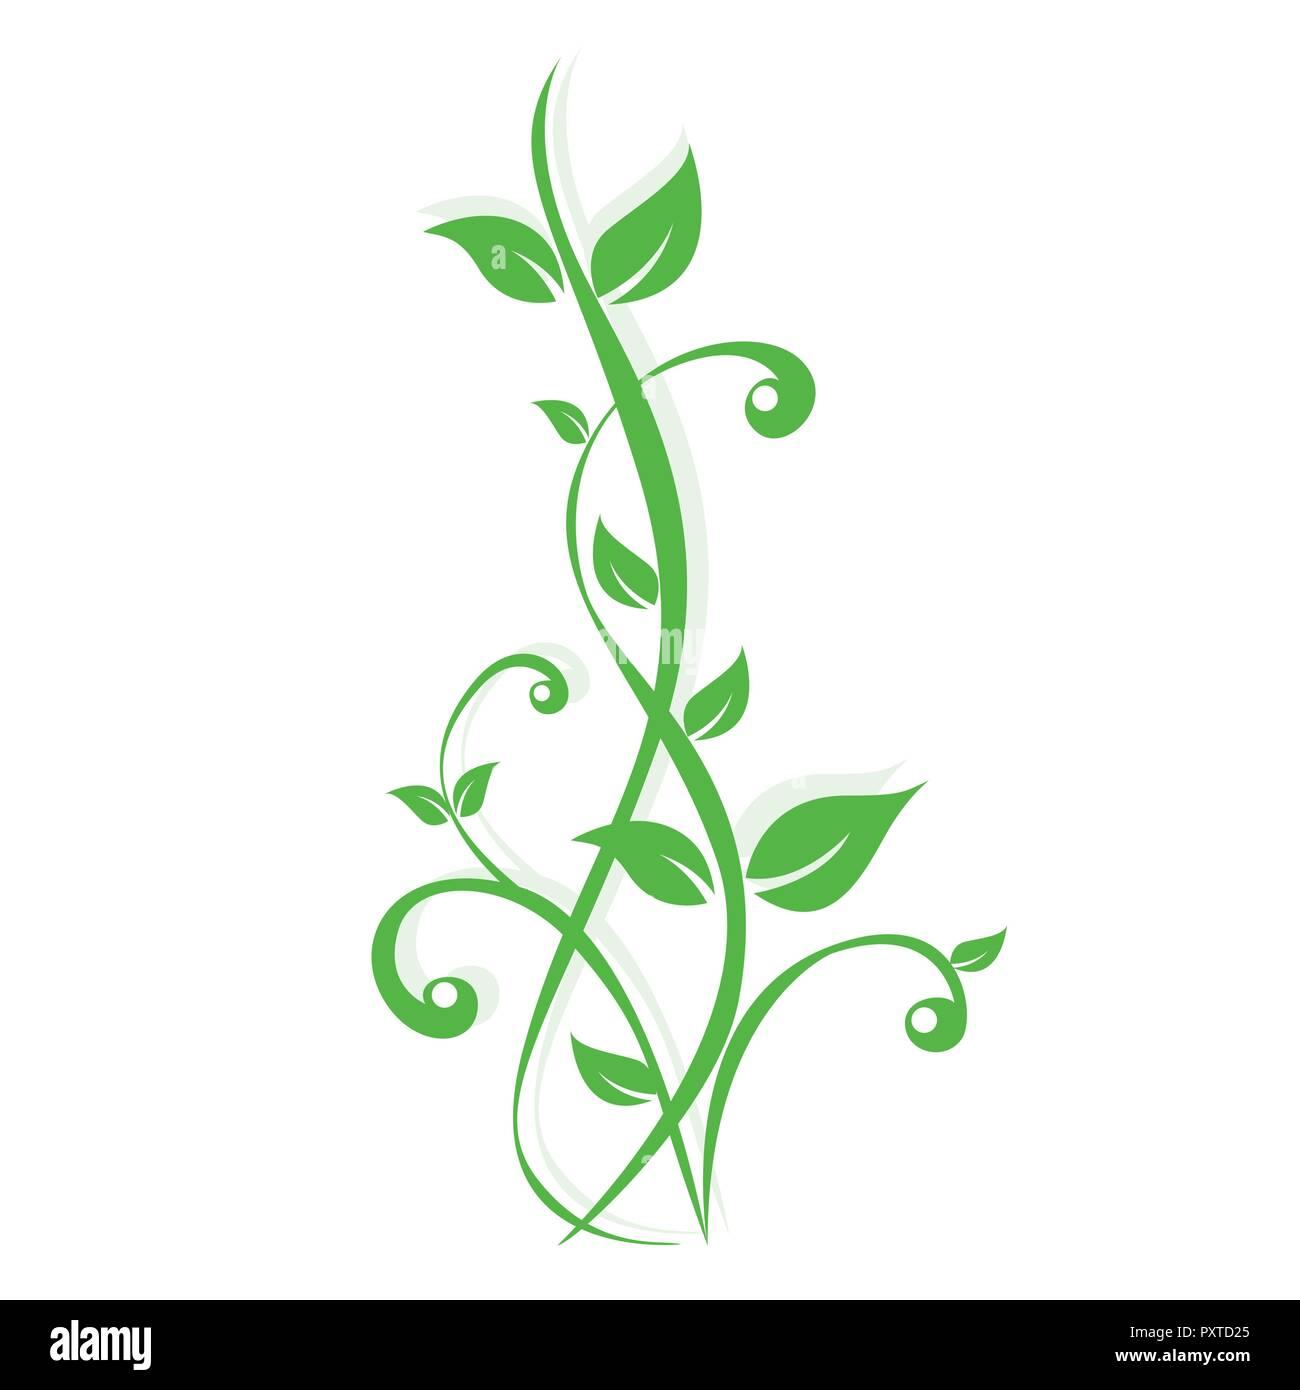 Grüne Pflanzen Ranke auf weißem Hintergrund Vektor-illustration EPS 10. Stockbild